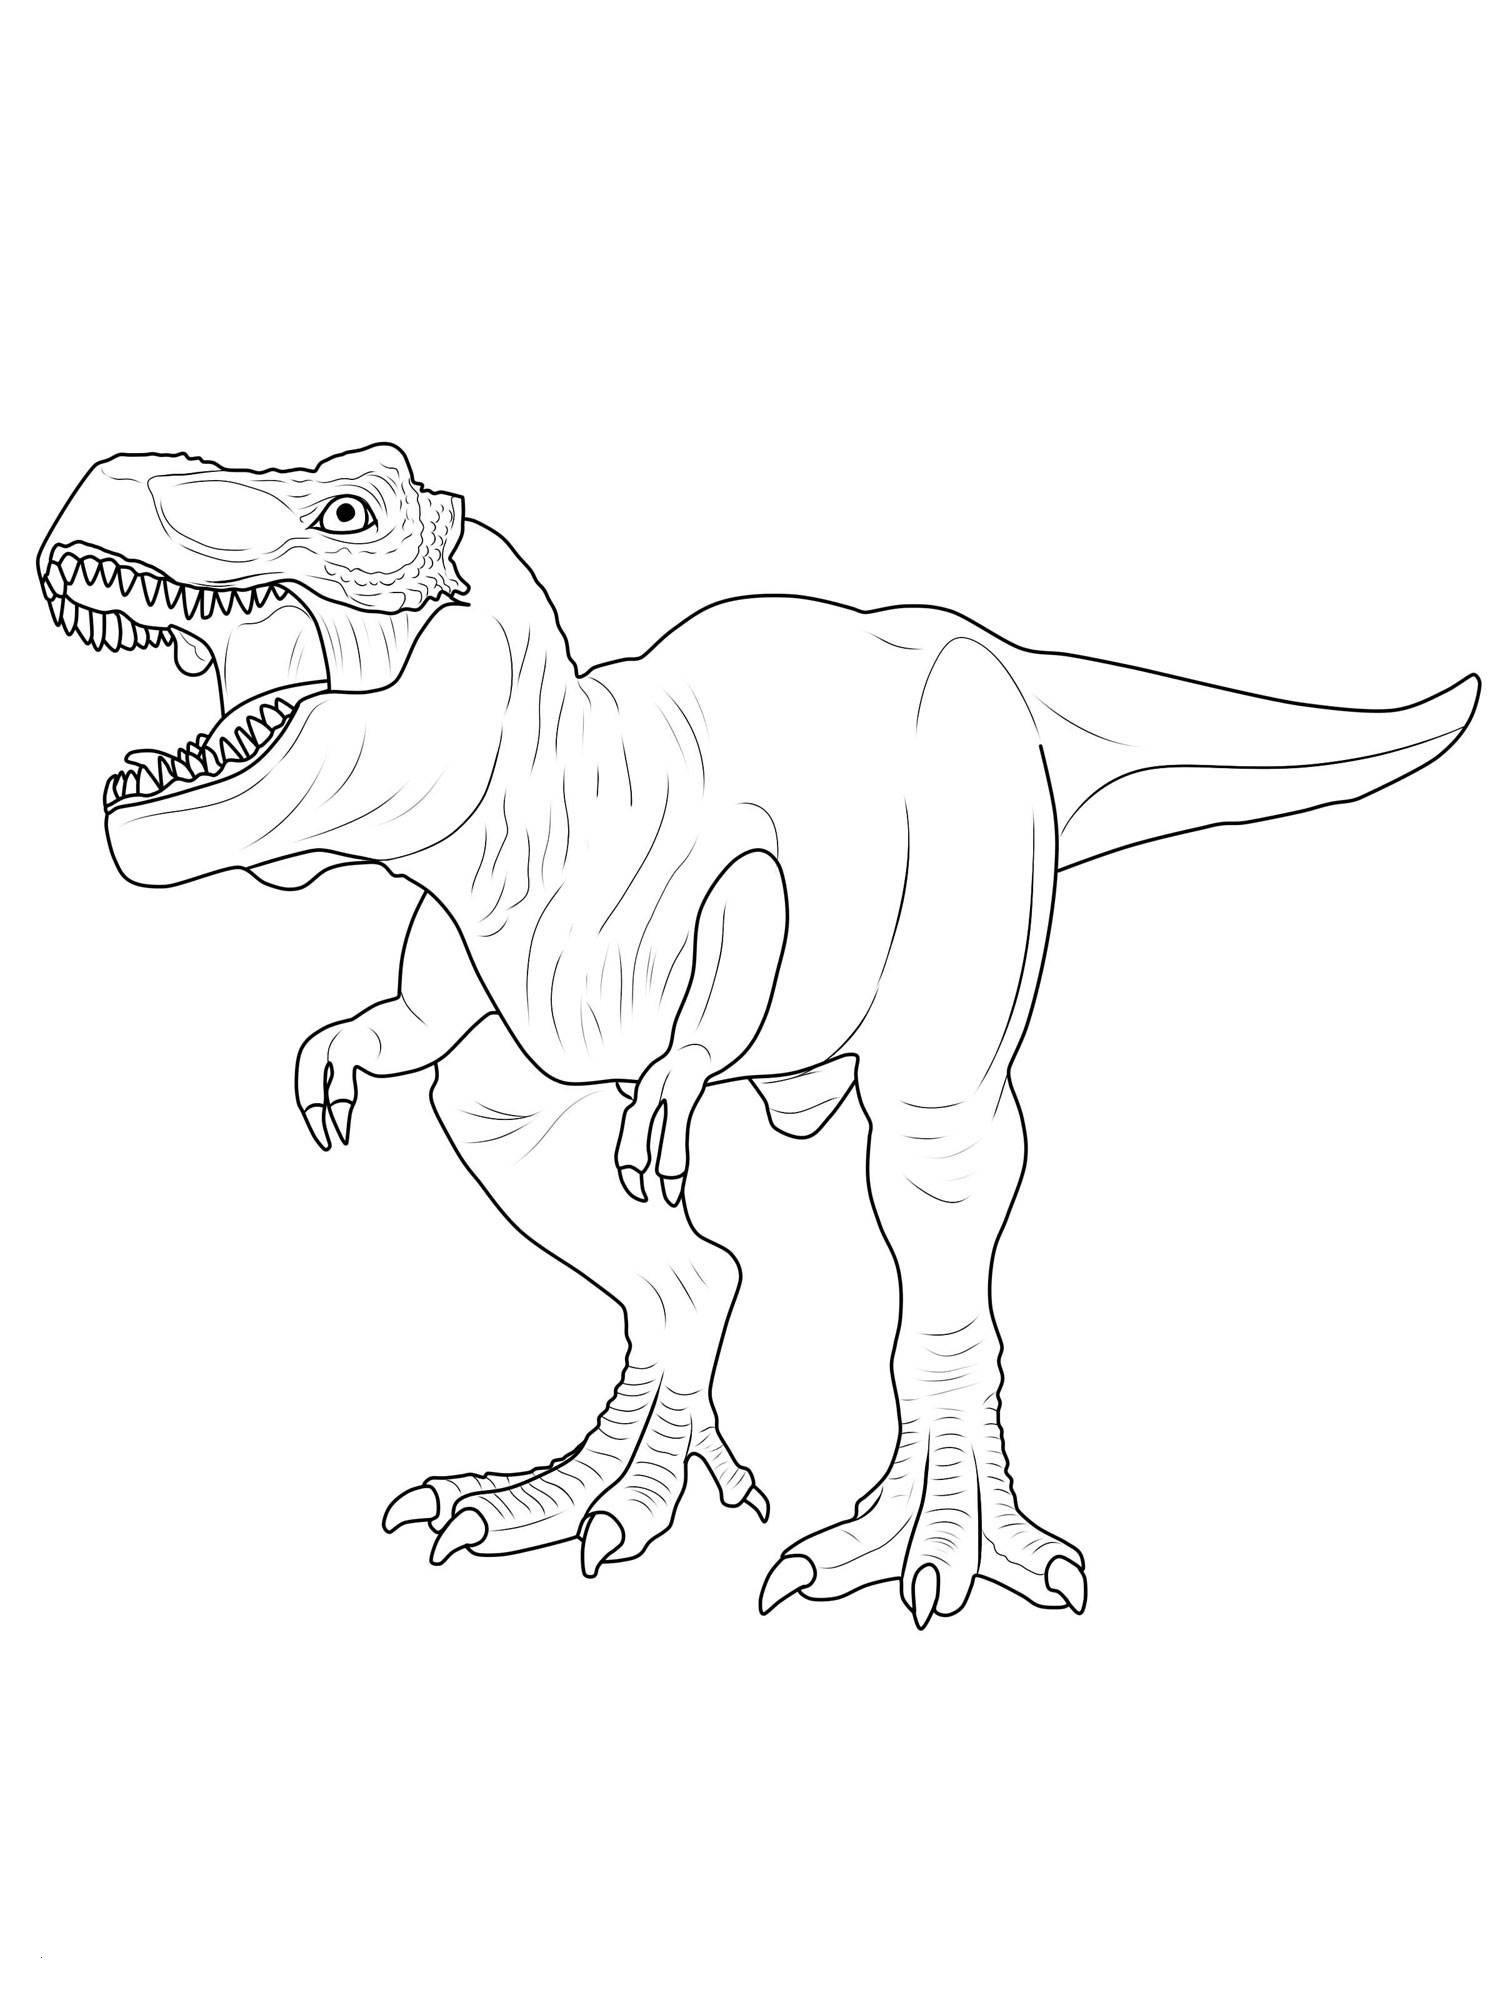 Ausmalbilder Dinosaurier Rex Das Beste Von 40 Ausmalbilder Dinosaurier Rex Scoredatscore Einzigartig Galerie